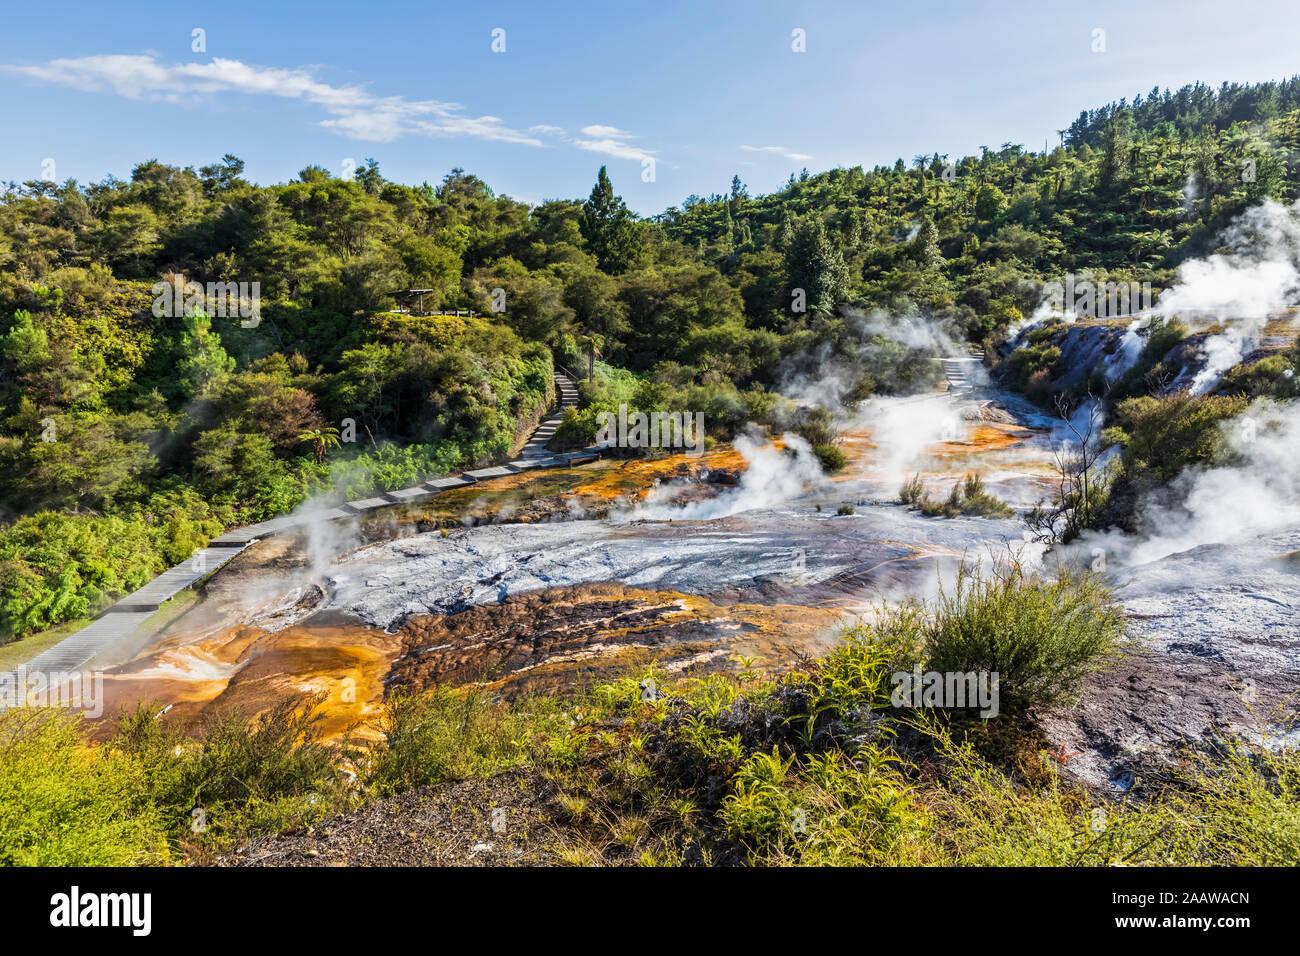 Terraza en cascada, Termas y algas y Esmeralda Terracettes Terraza, Orakei Korako Parque geotérmico, Zona Volcánica Taupo, Isla del Norte, Nueva Zelanda Foto de stock